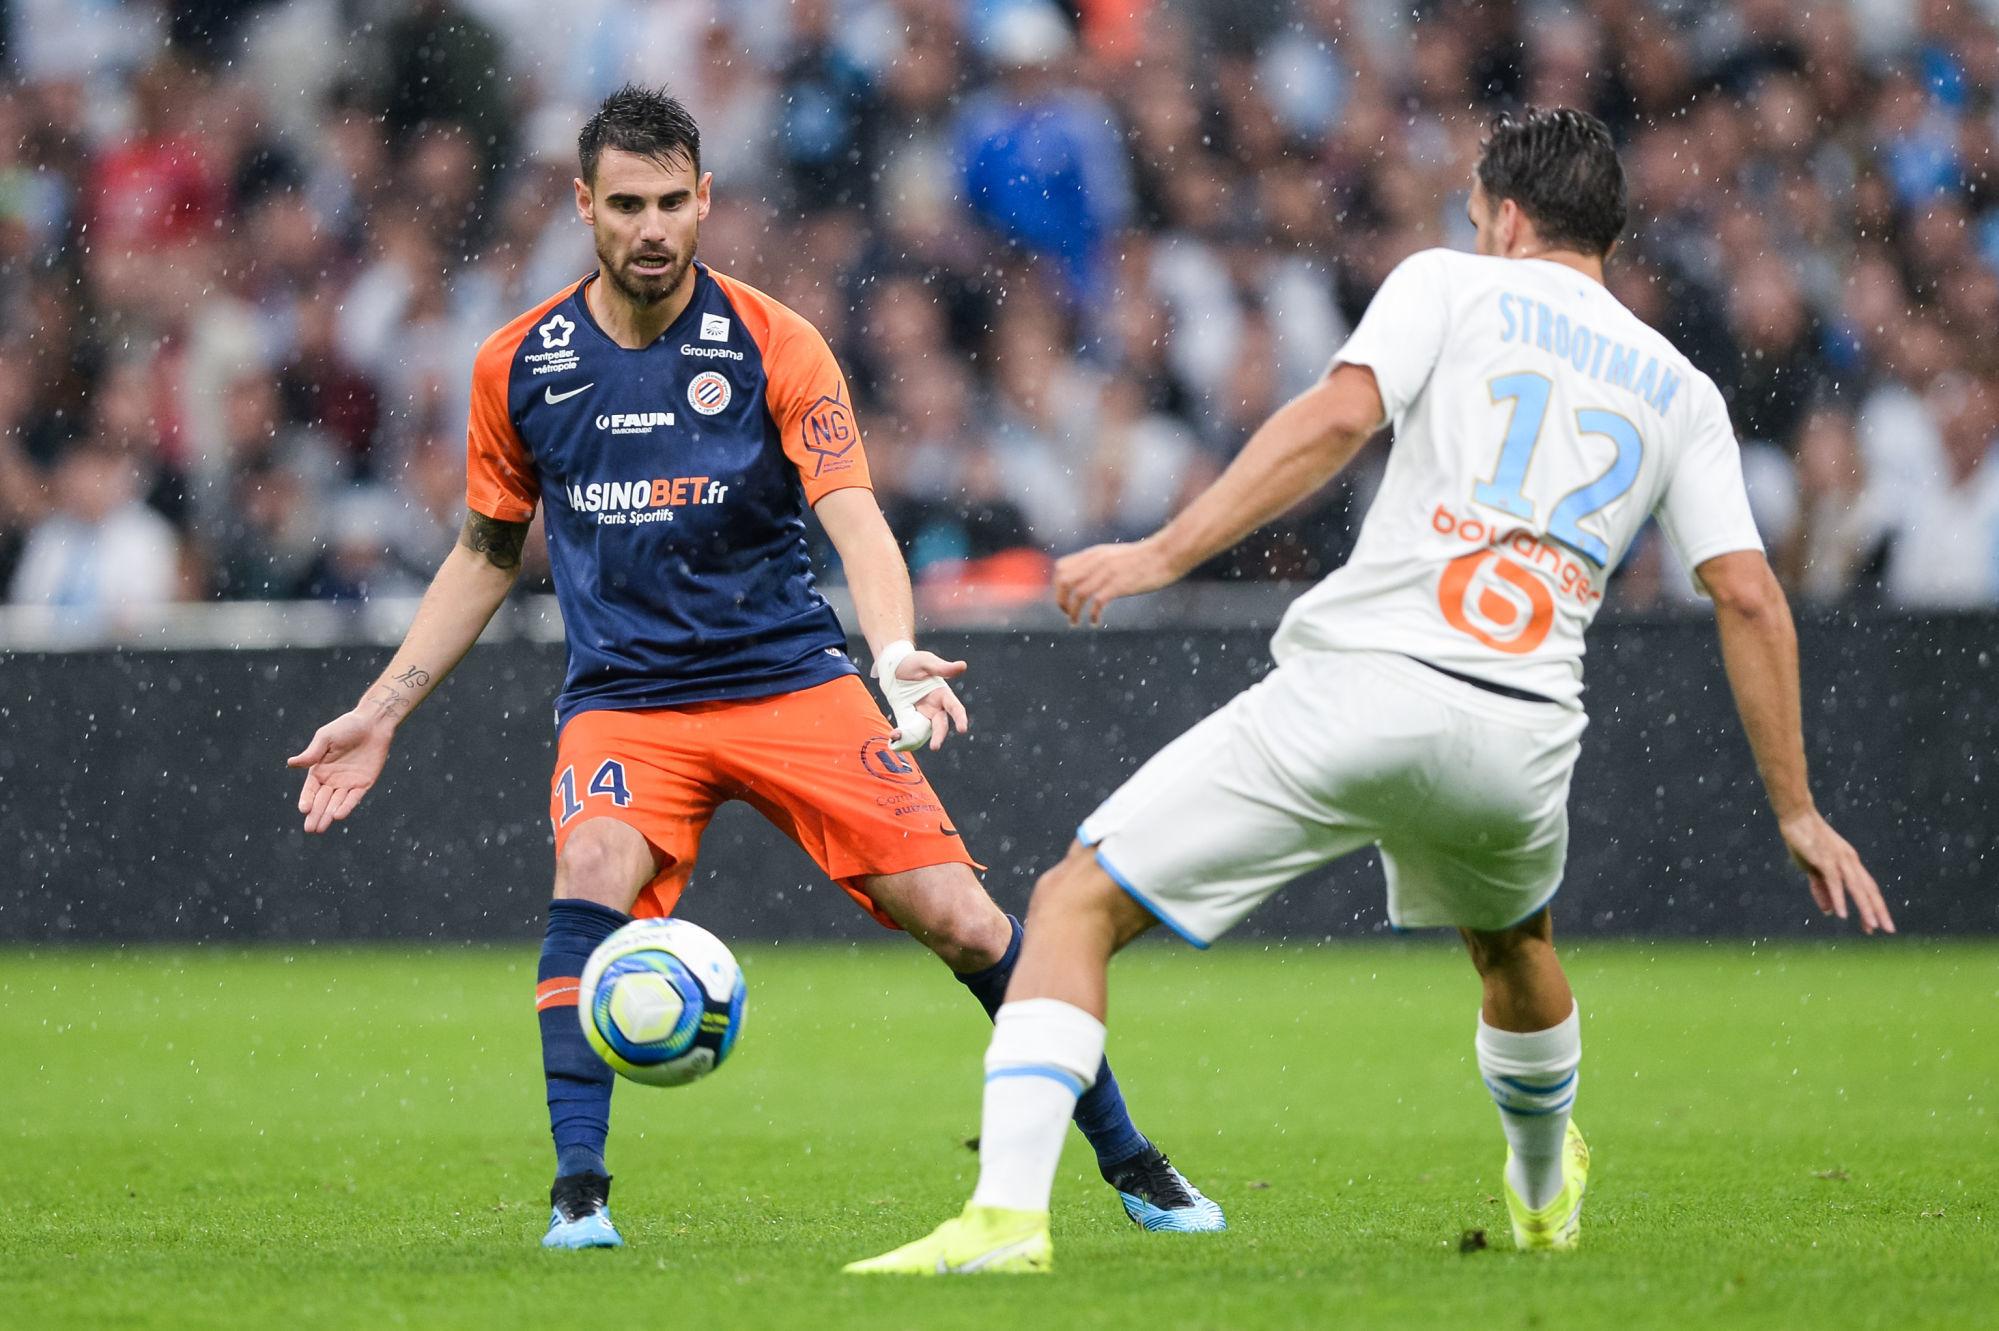 Mercato OM : Un milieu de terrain de Ligue 1 proposé à l'OM